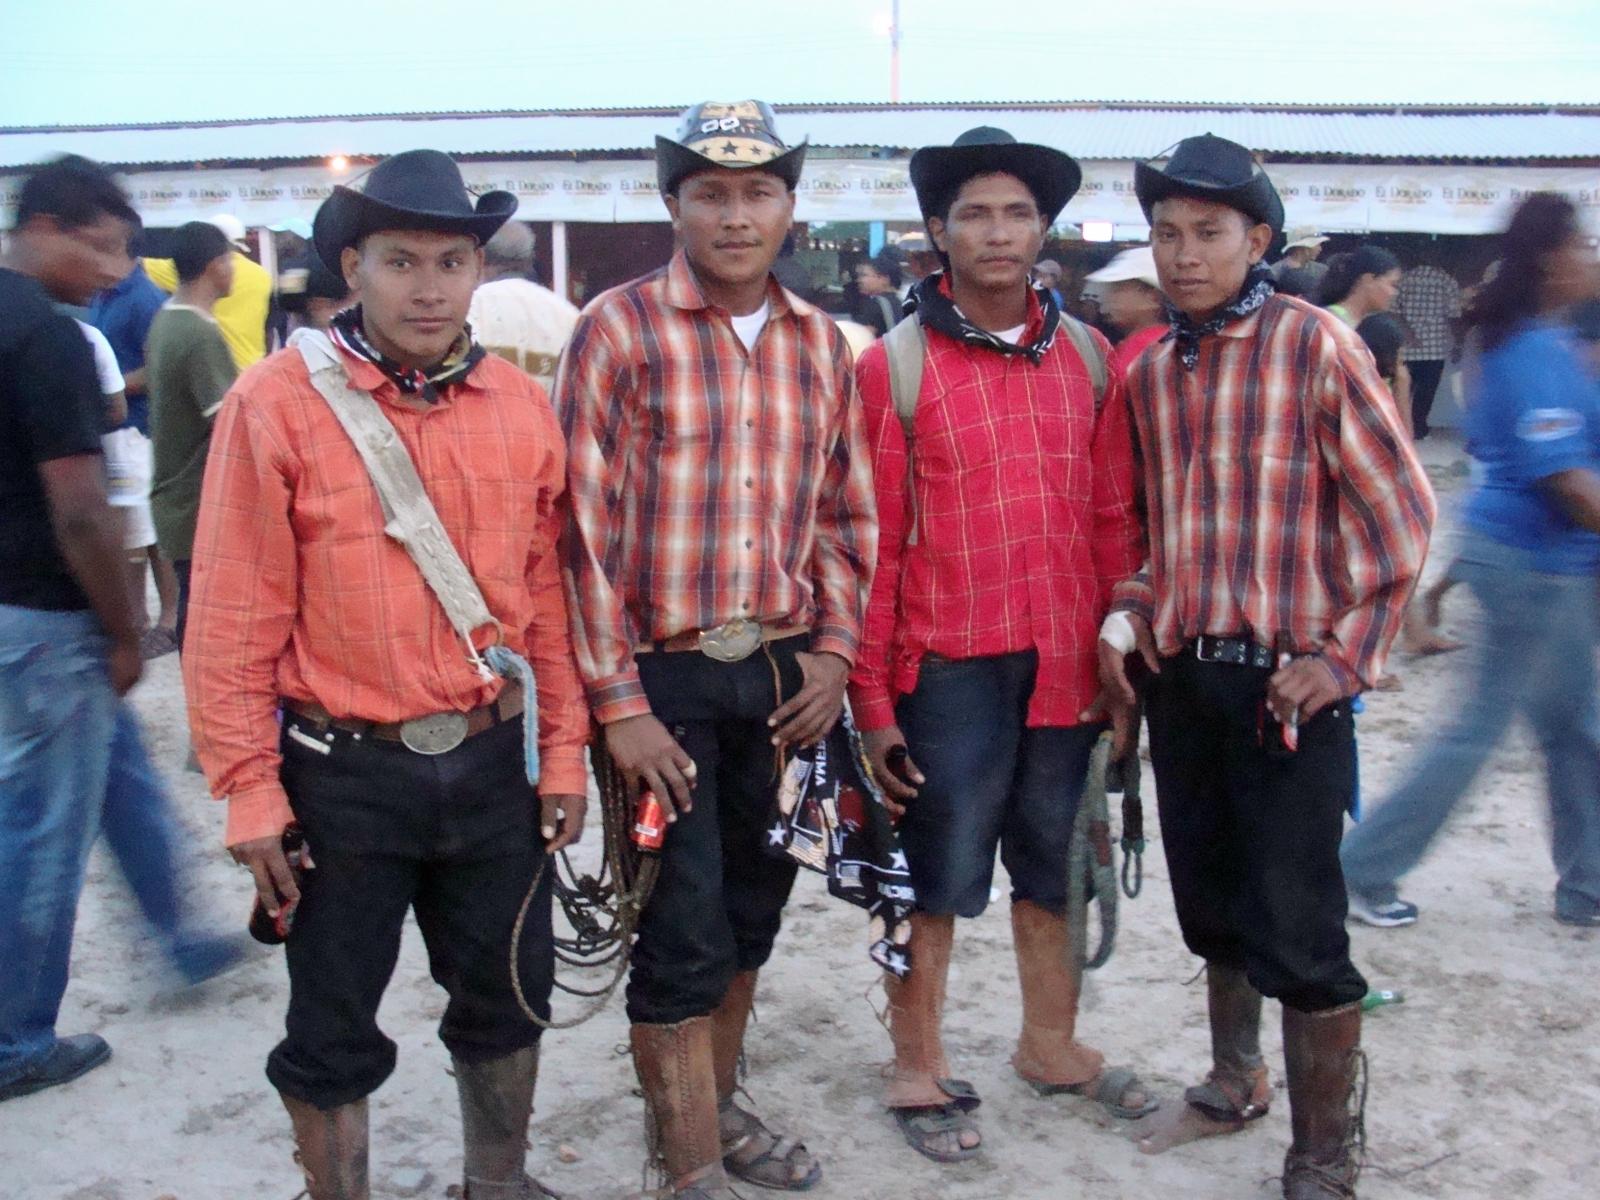 Makushi people in Guyana